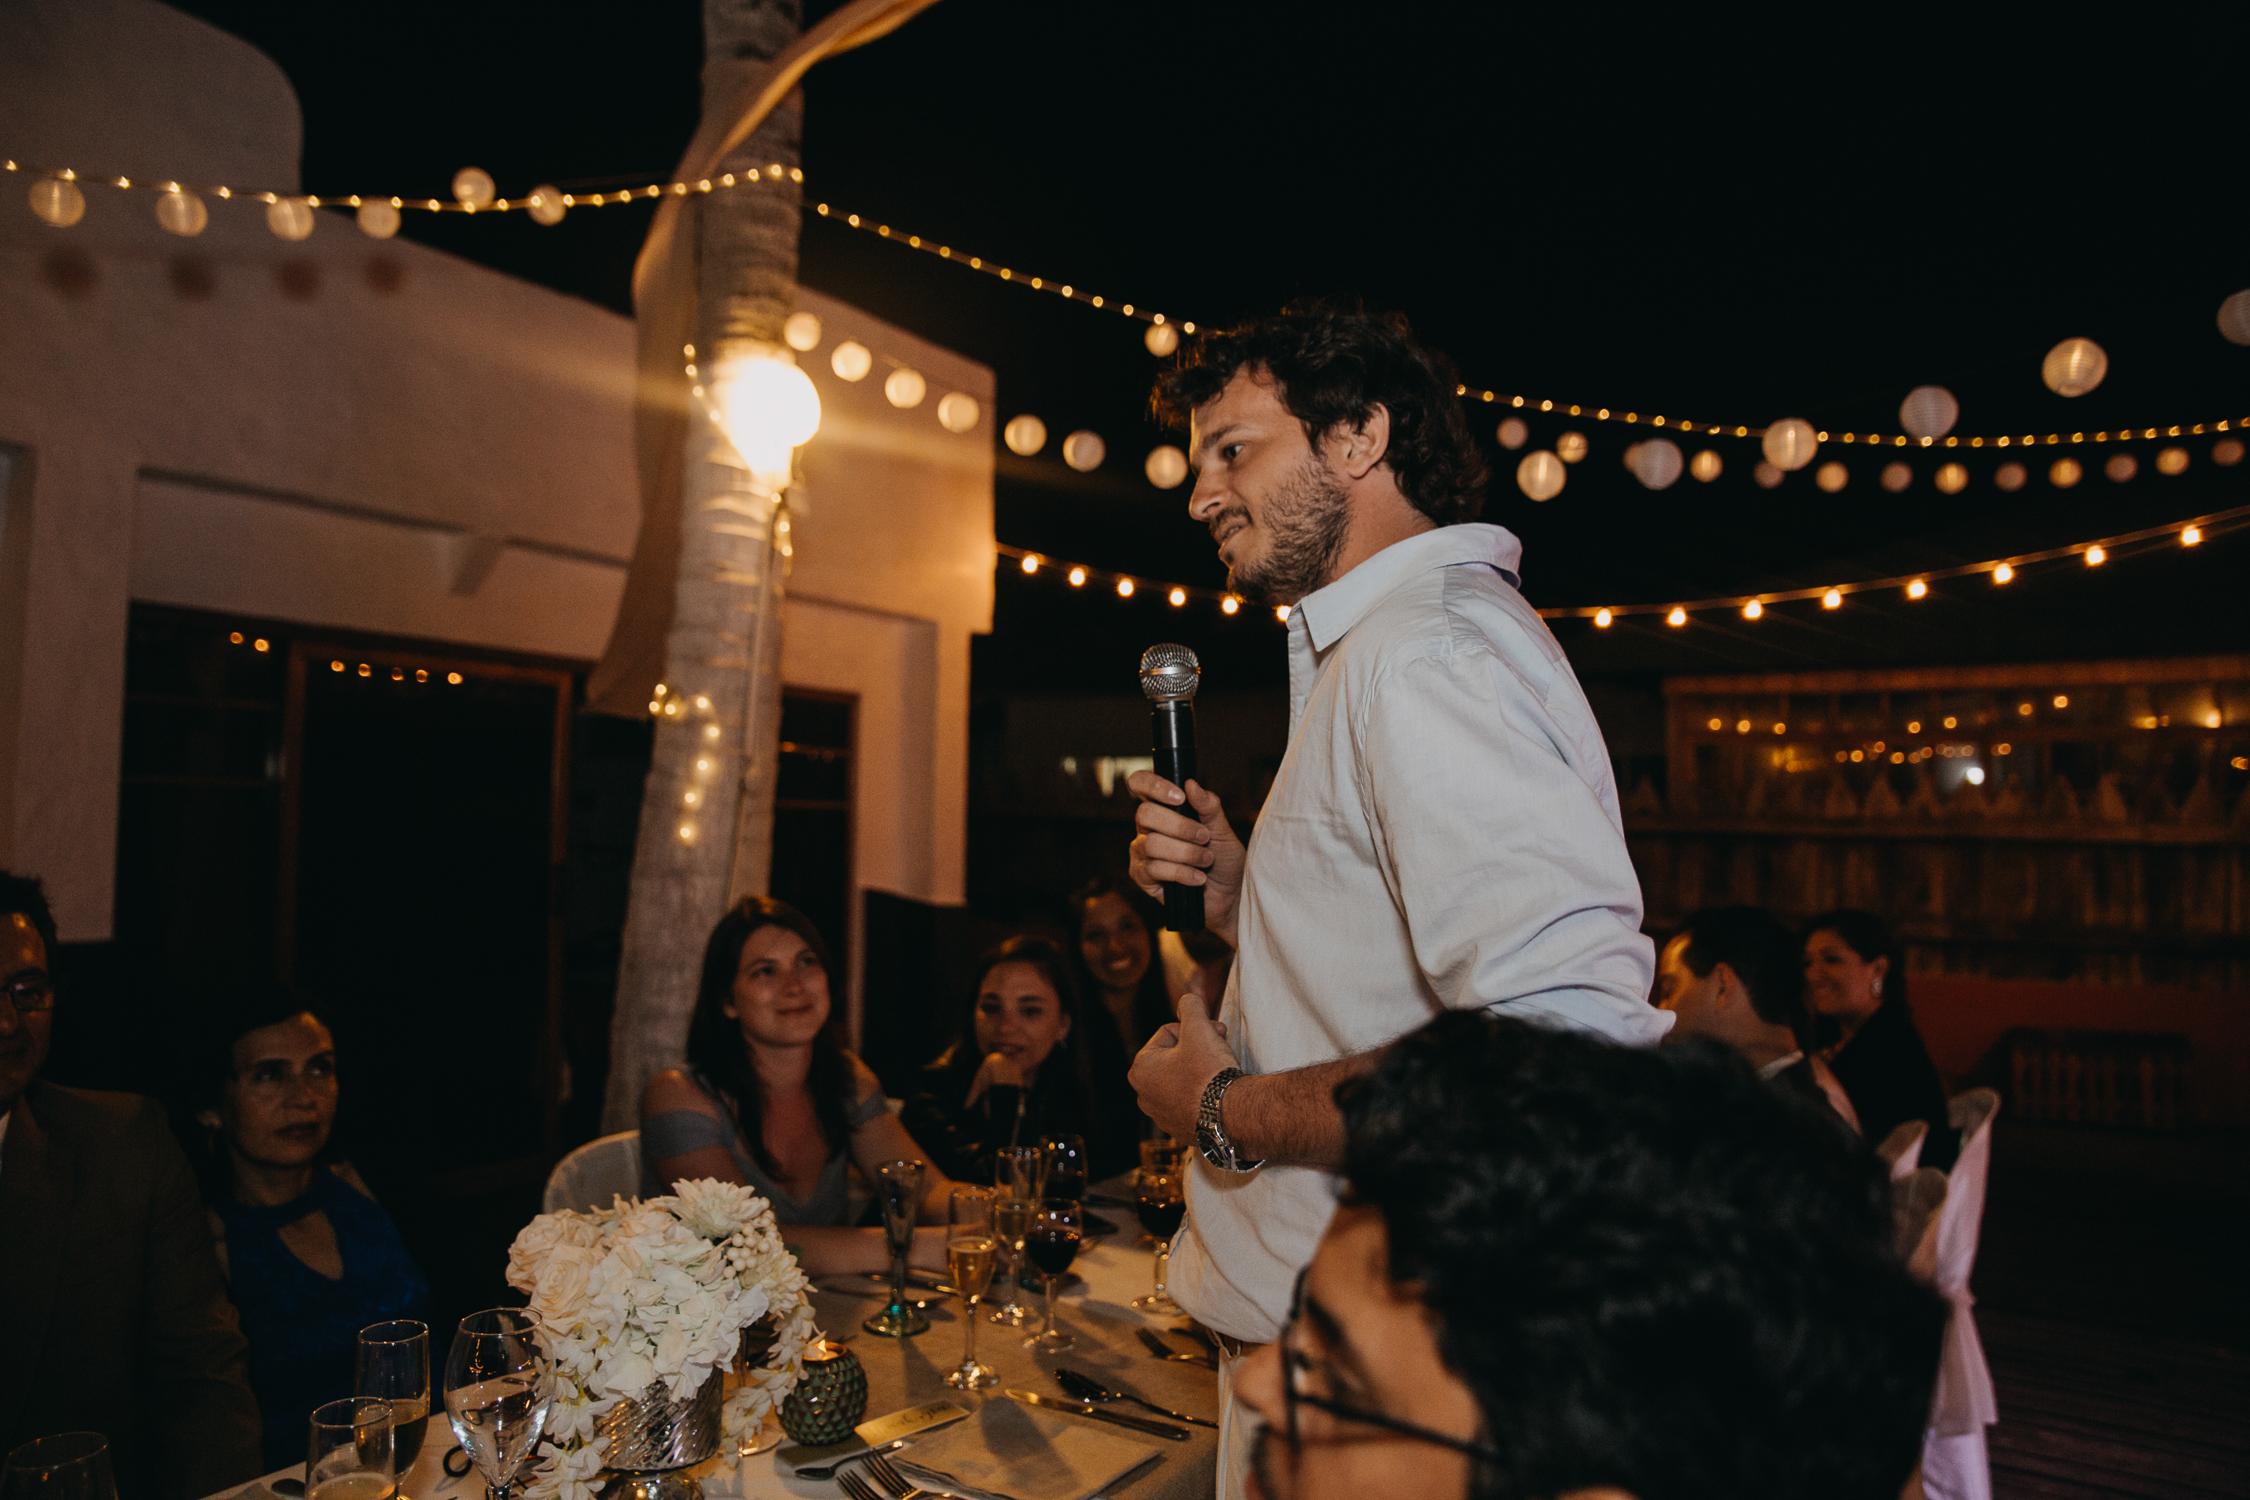 Michelle-Agurto-Fotografia-Bodas-Ecuador-Destination-Wedding-Photographer-Galapagos-Andrea-Joaquin-381.JPG